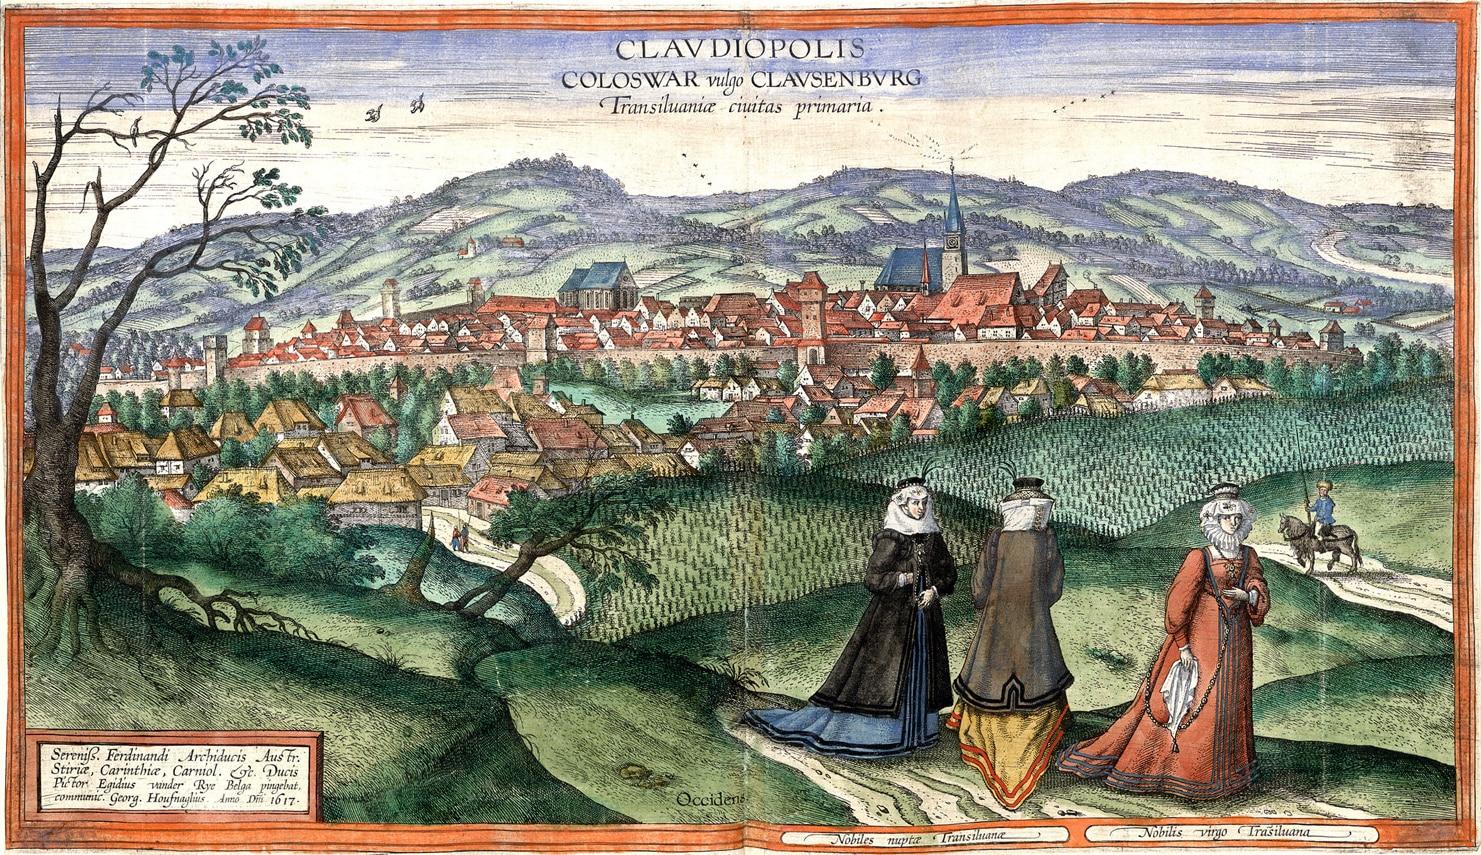 Cuadro Cluj by Joris Hoefnagel, 1617